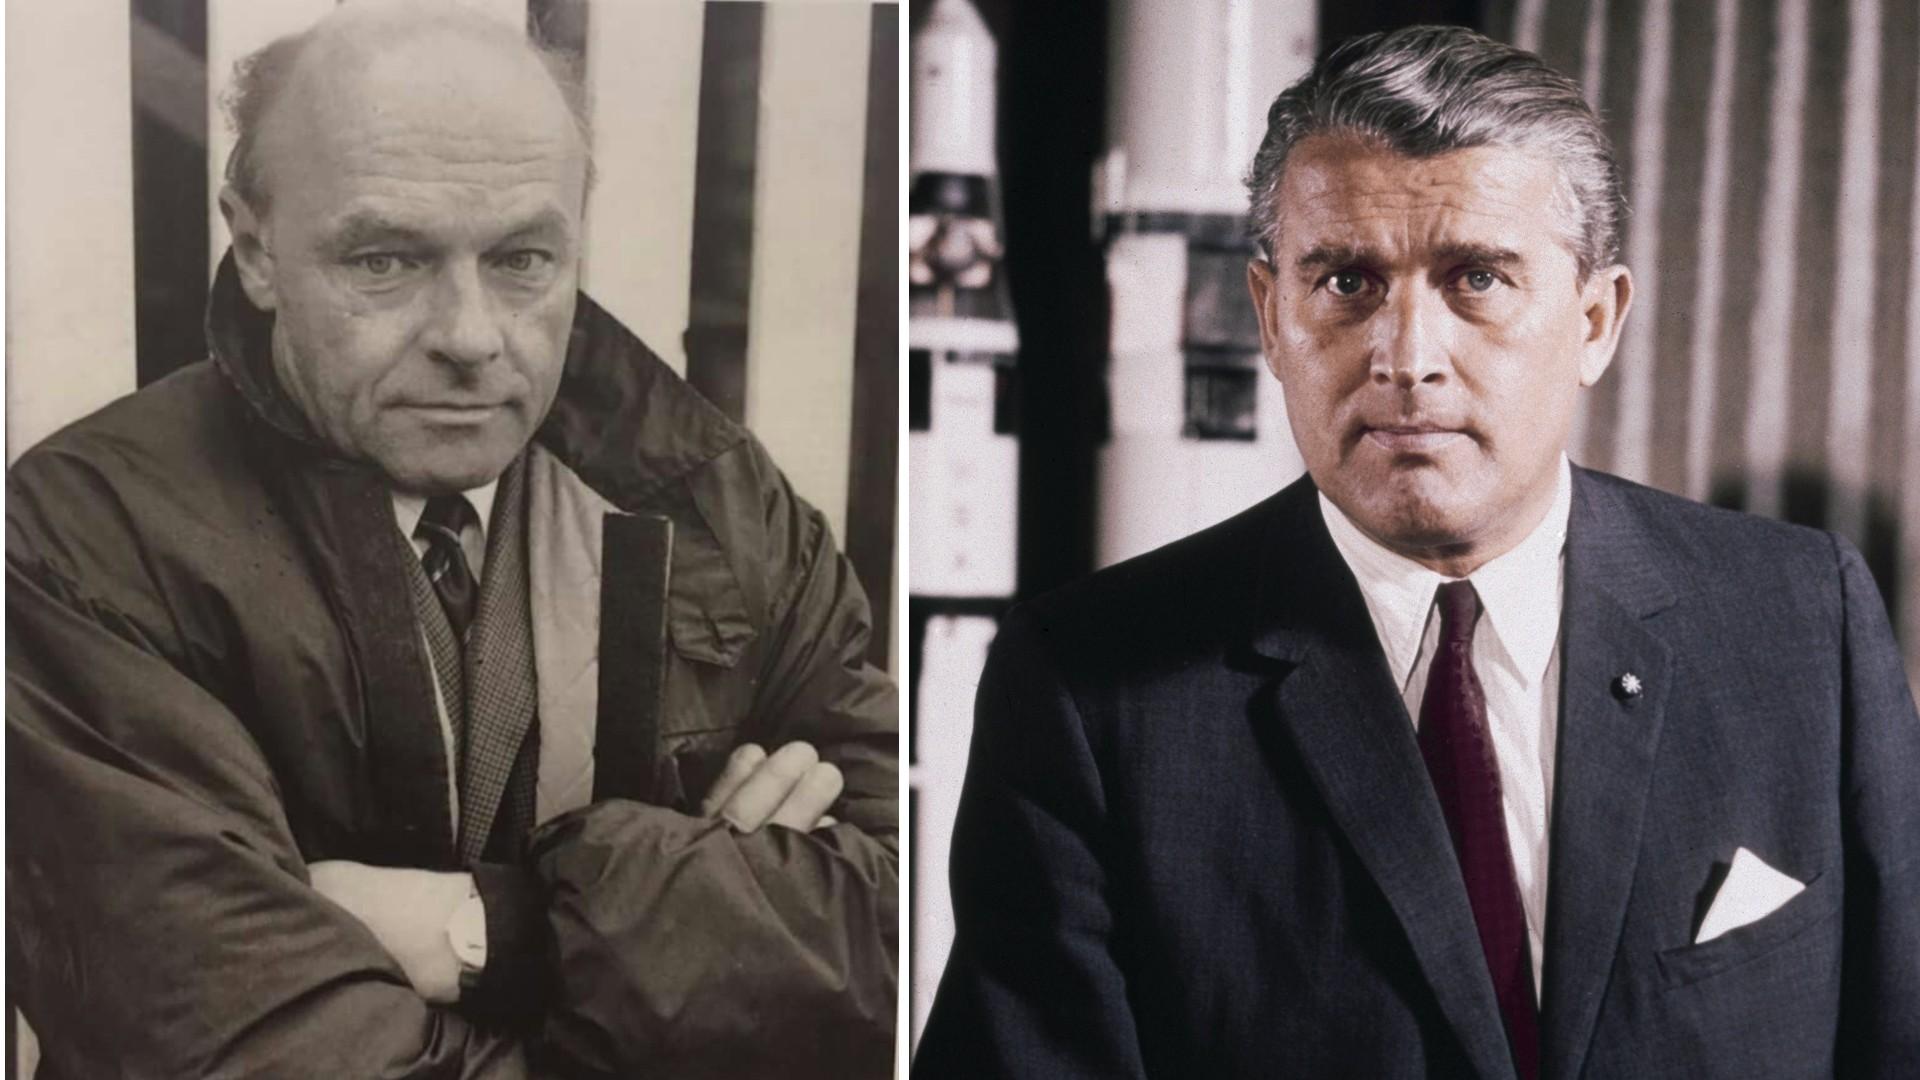 Von Braun y Kaaden, vidas divergentes para un pasado común